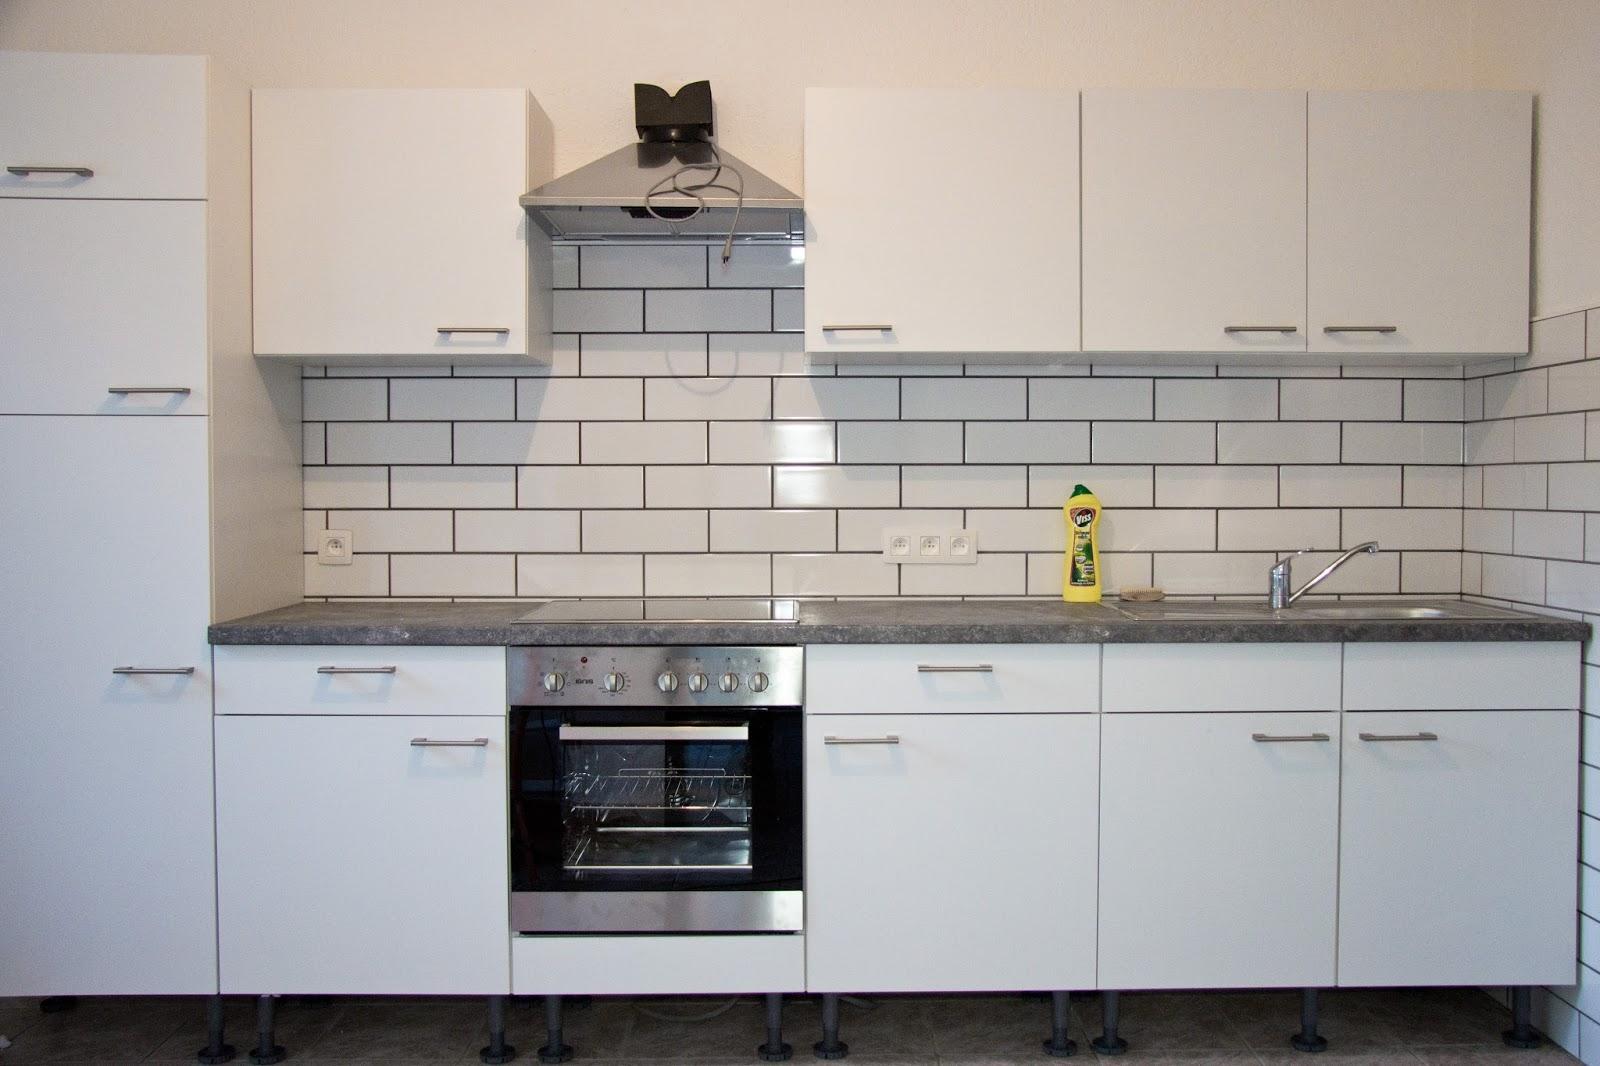 Großartig Küchenwandfliesen Design 2014 Fotos - Küche Set Ideen ...